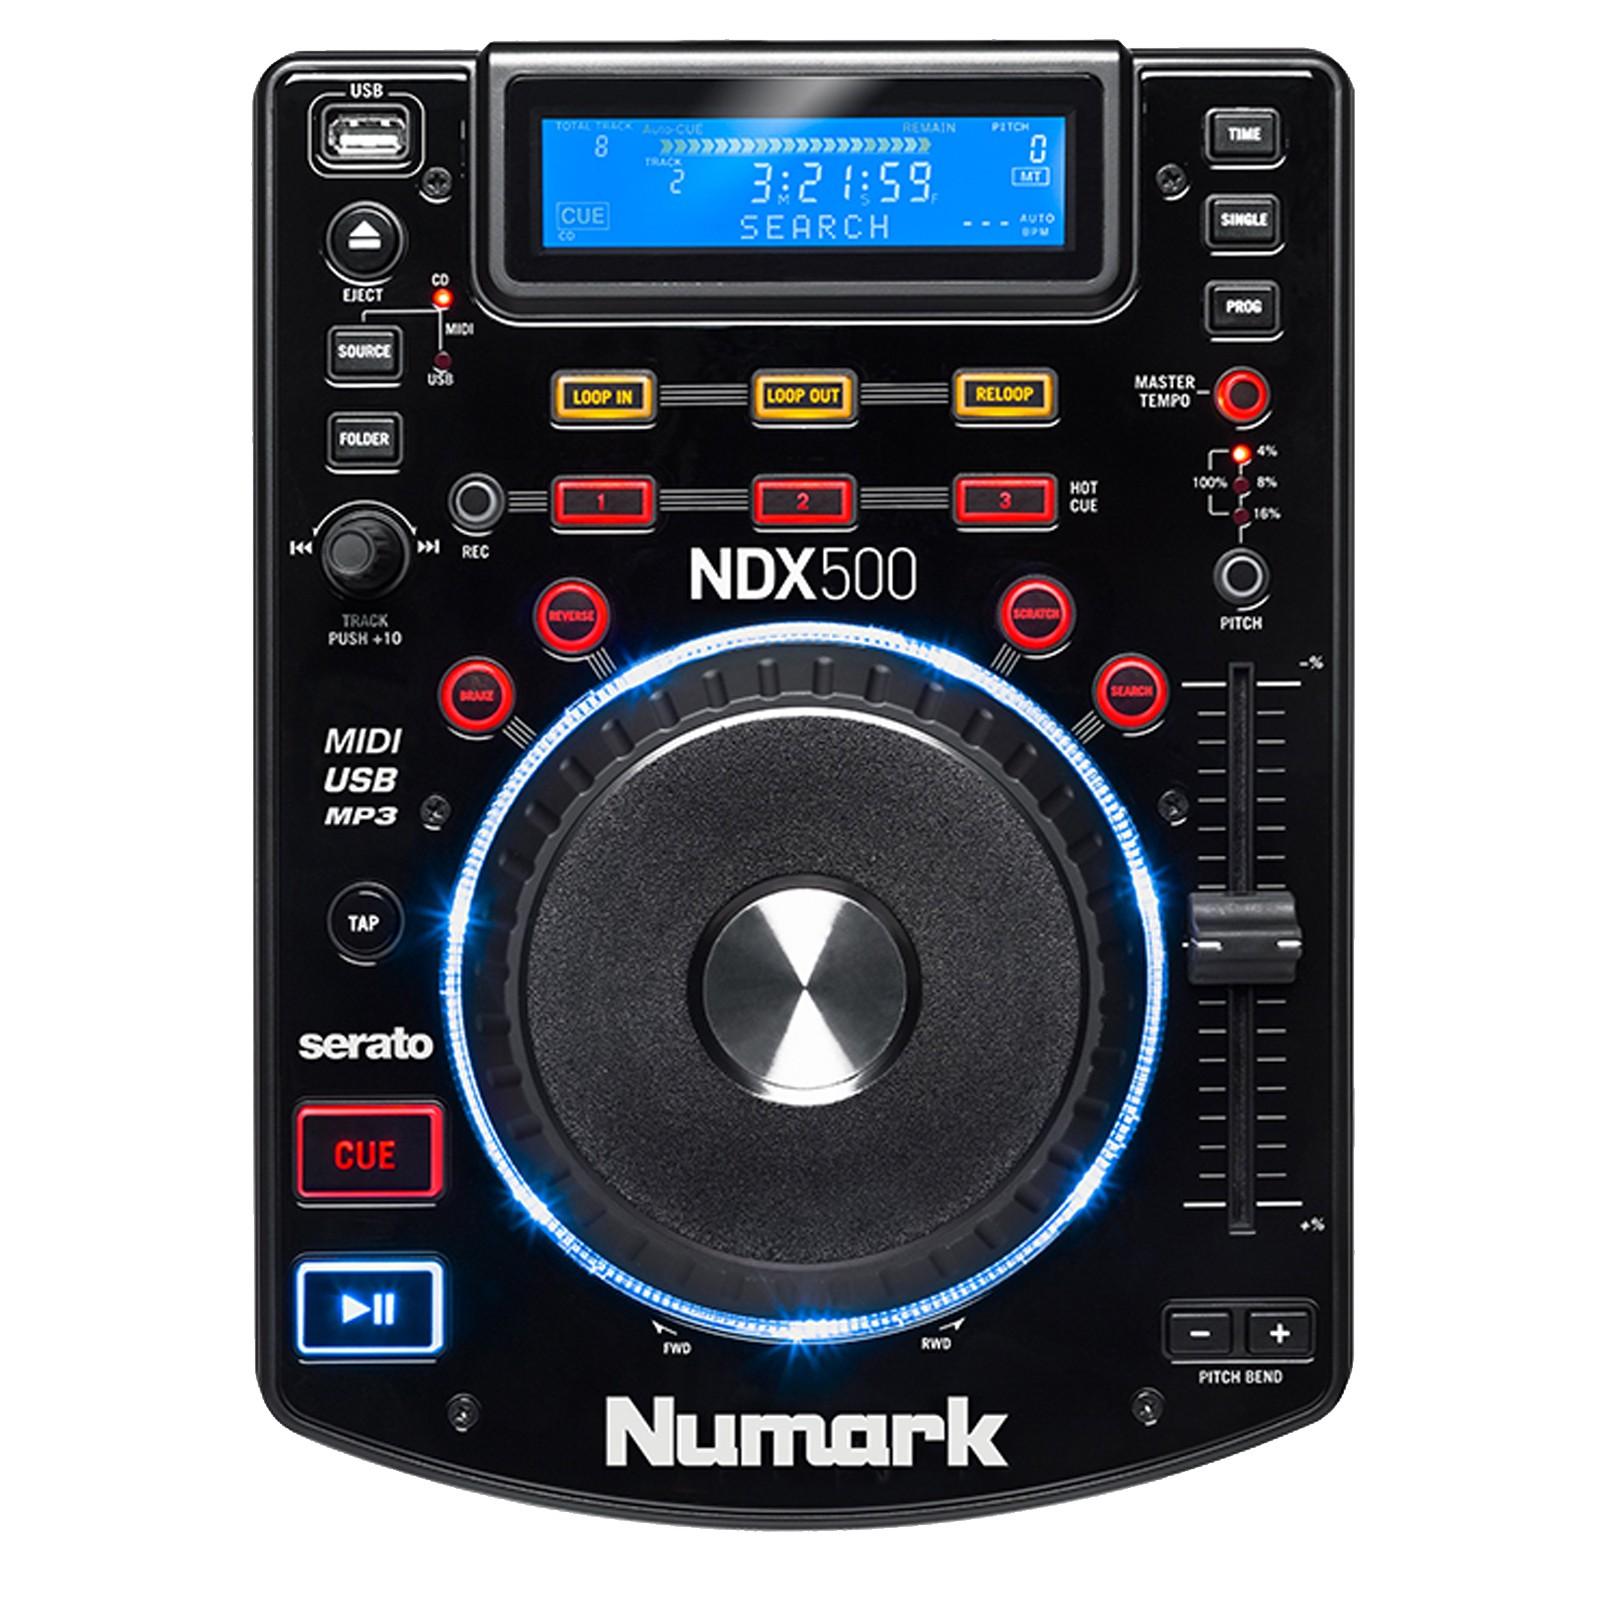 numark-ndx500.jpg